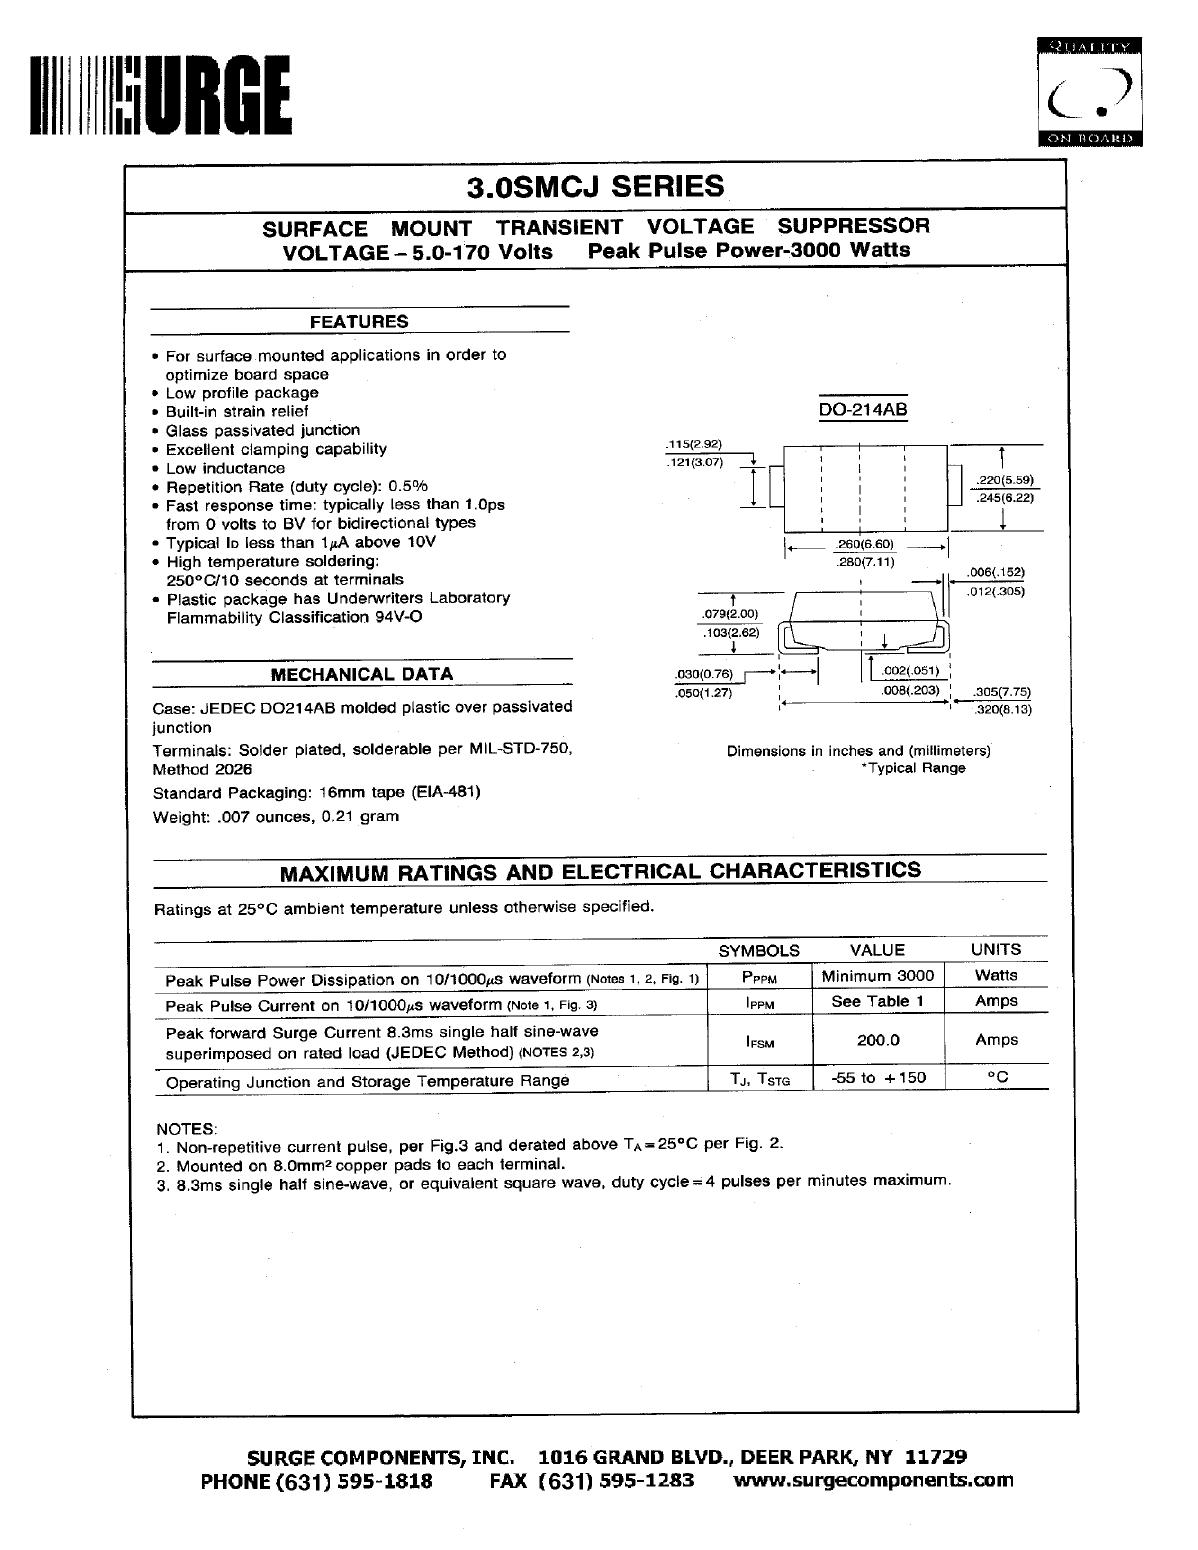 3.0SMCJ10 دیتاشیت PDF